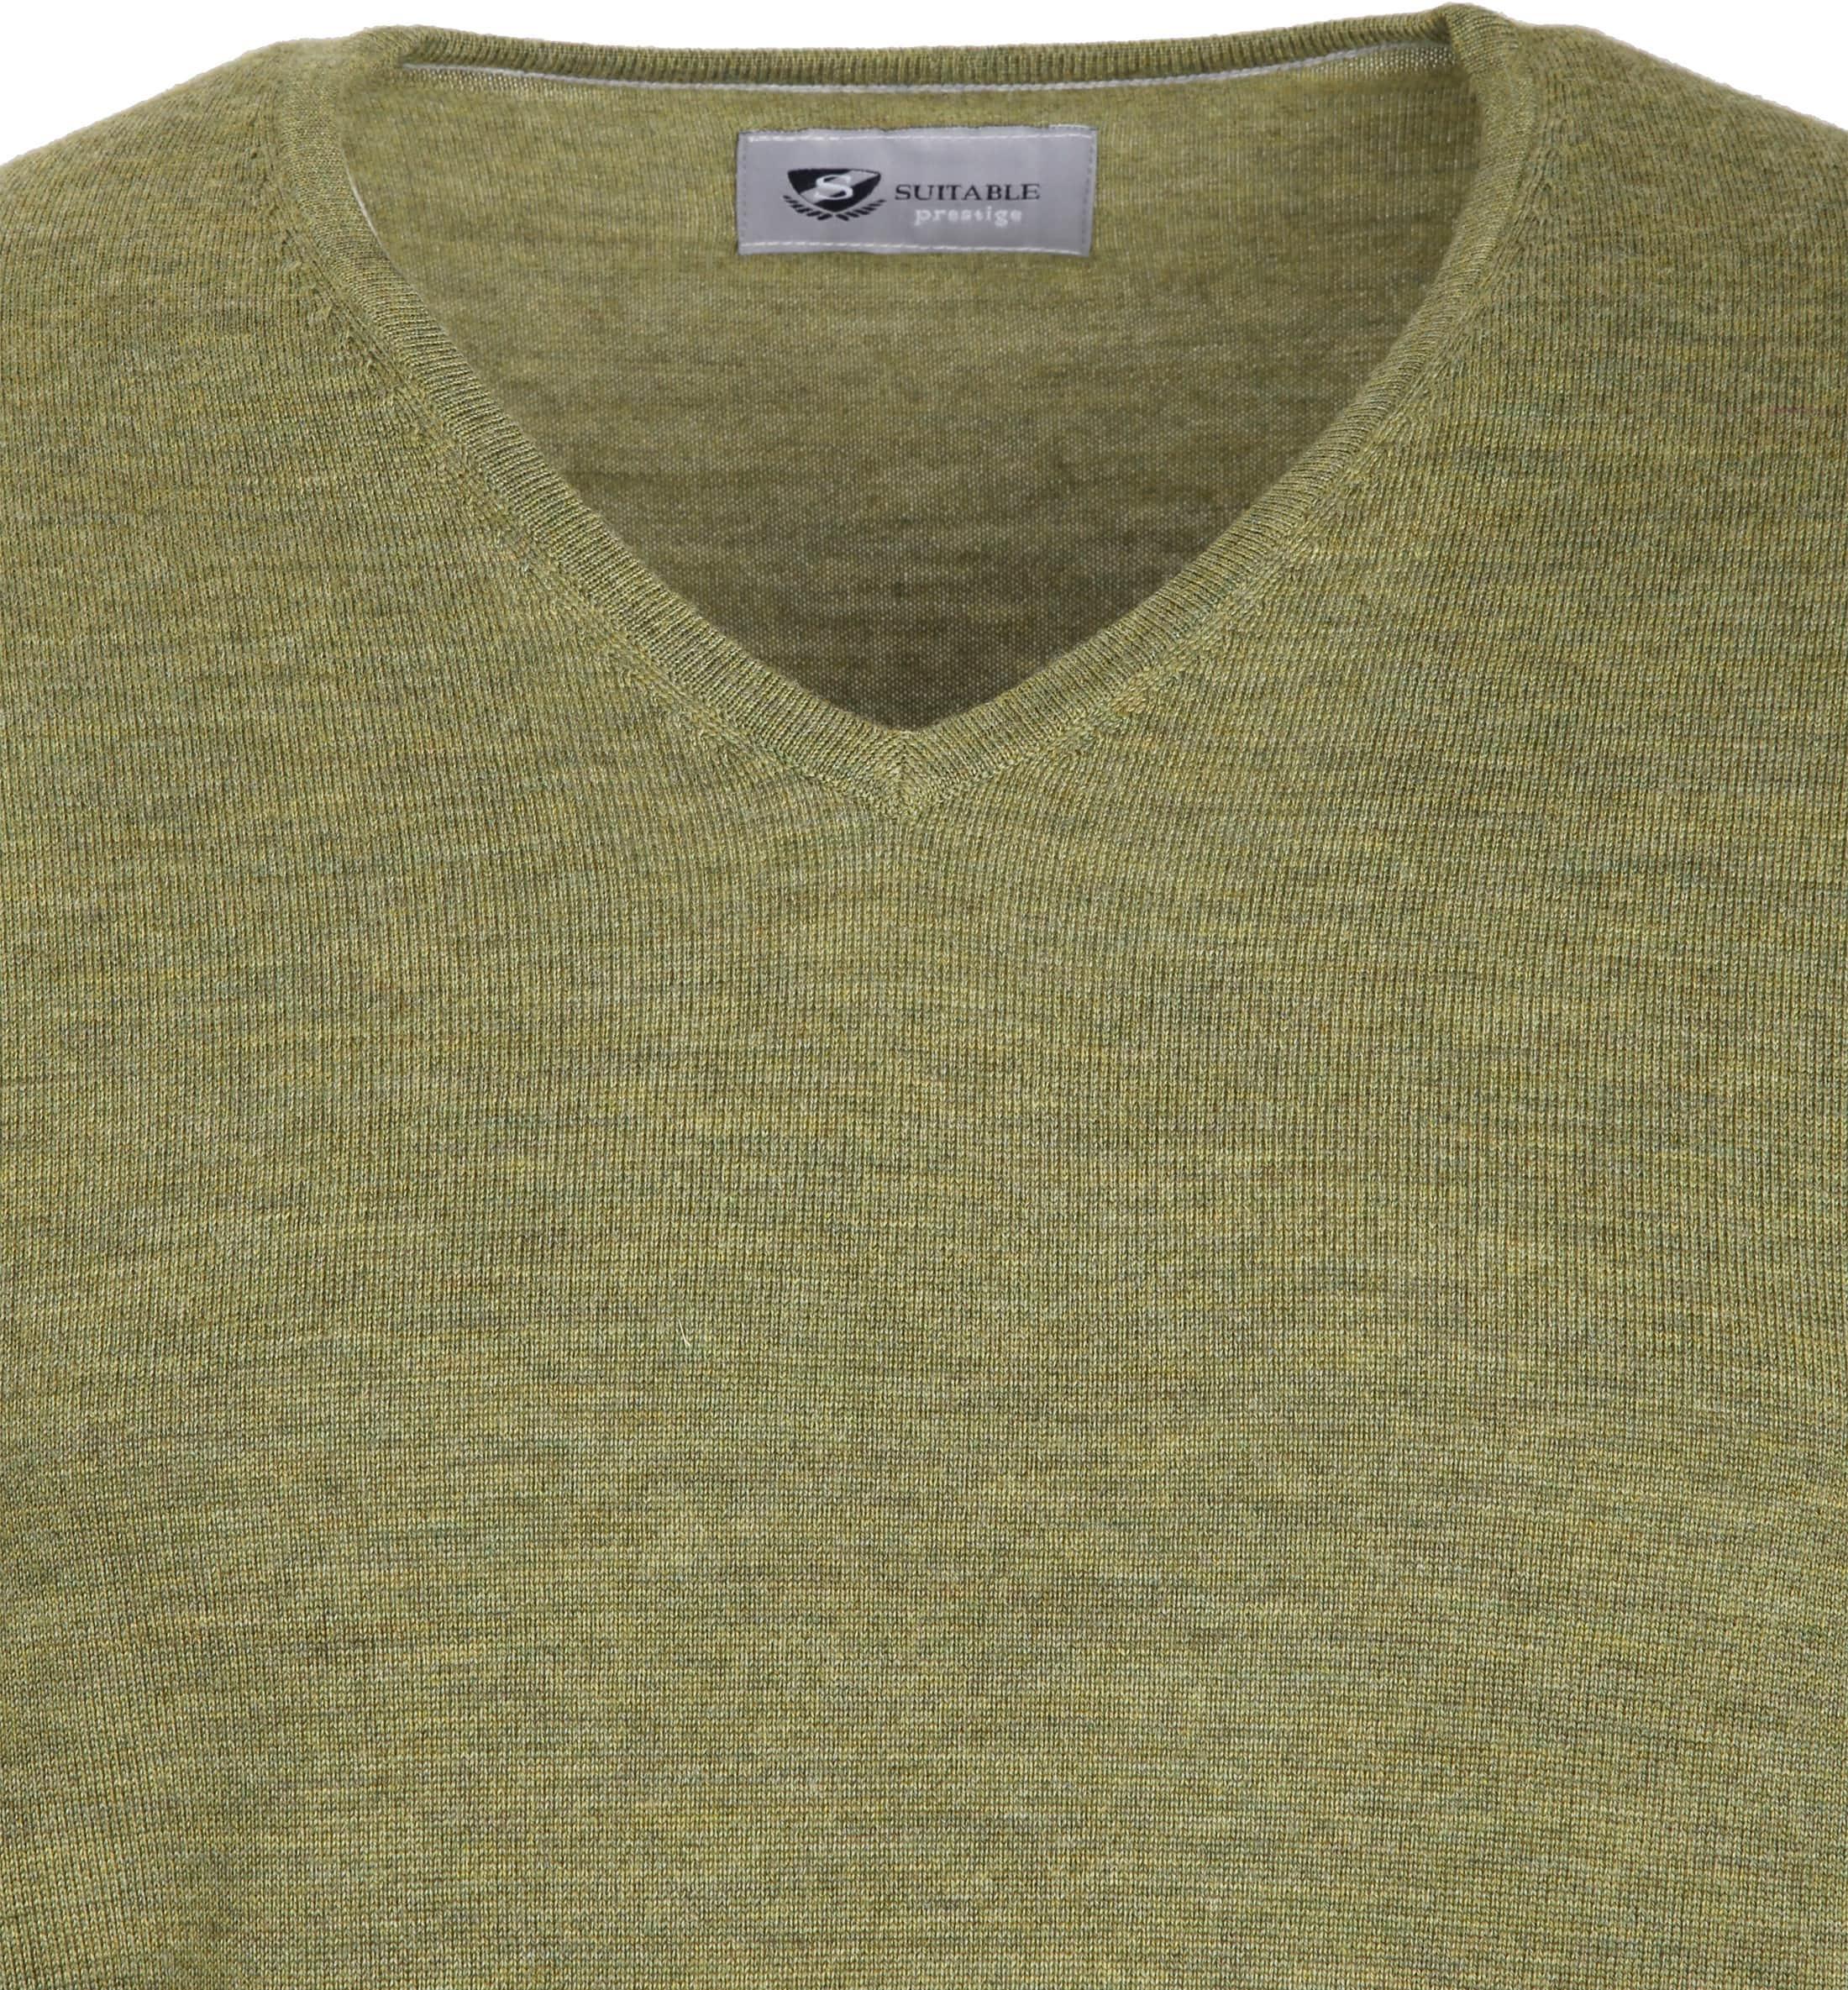 Suitable Prestige Pullover V-hals Groen foto 1